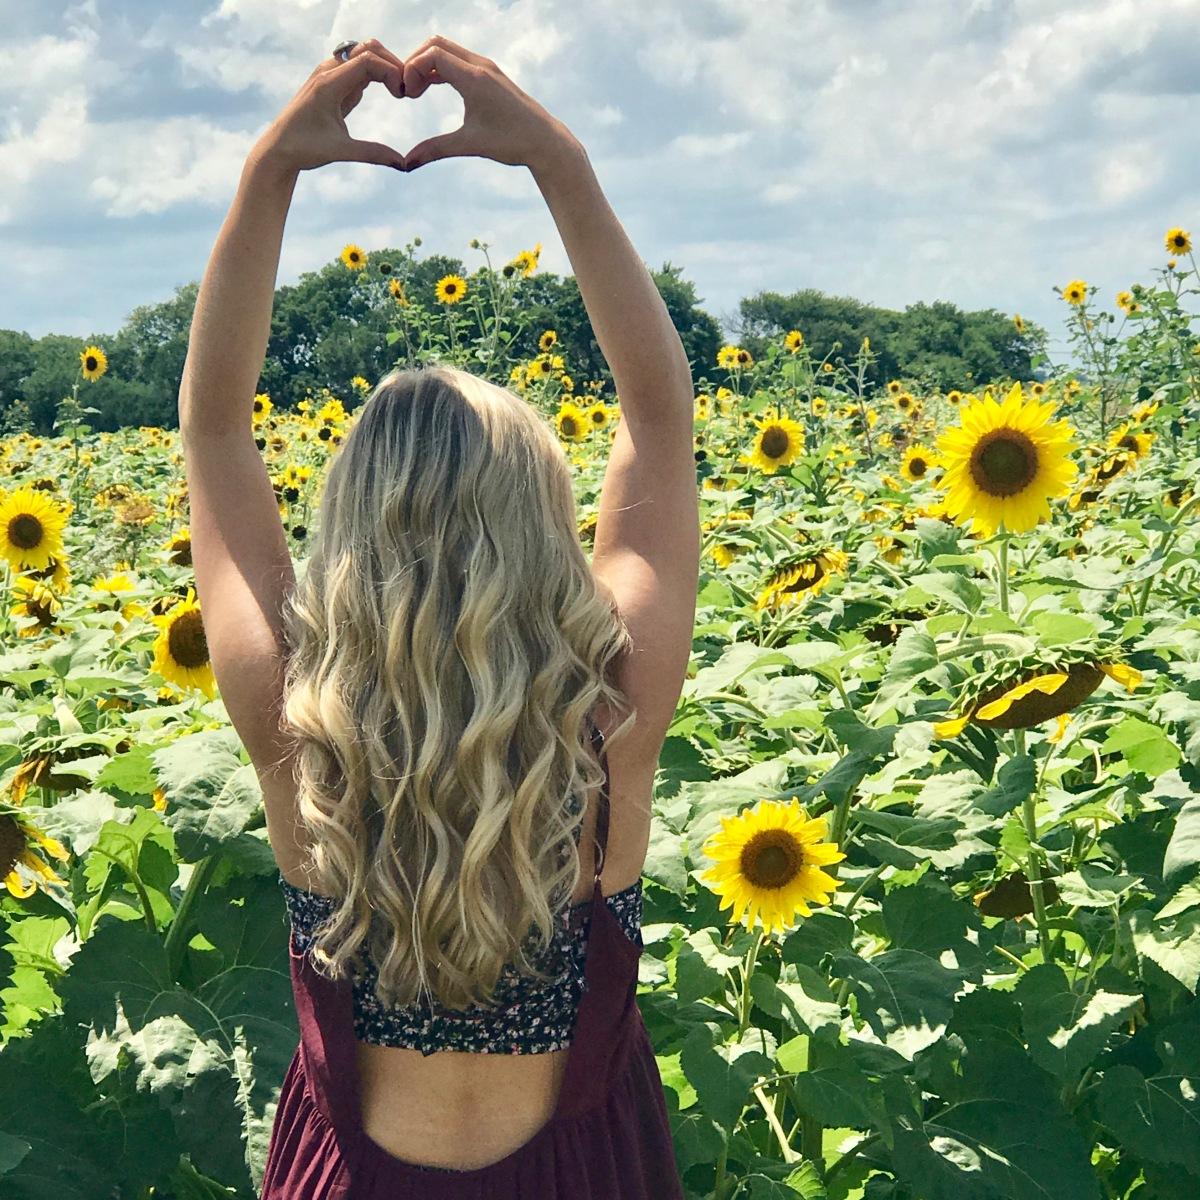 Summer Bralette Babe: The BestBrands